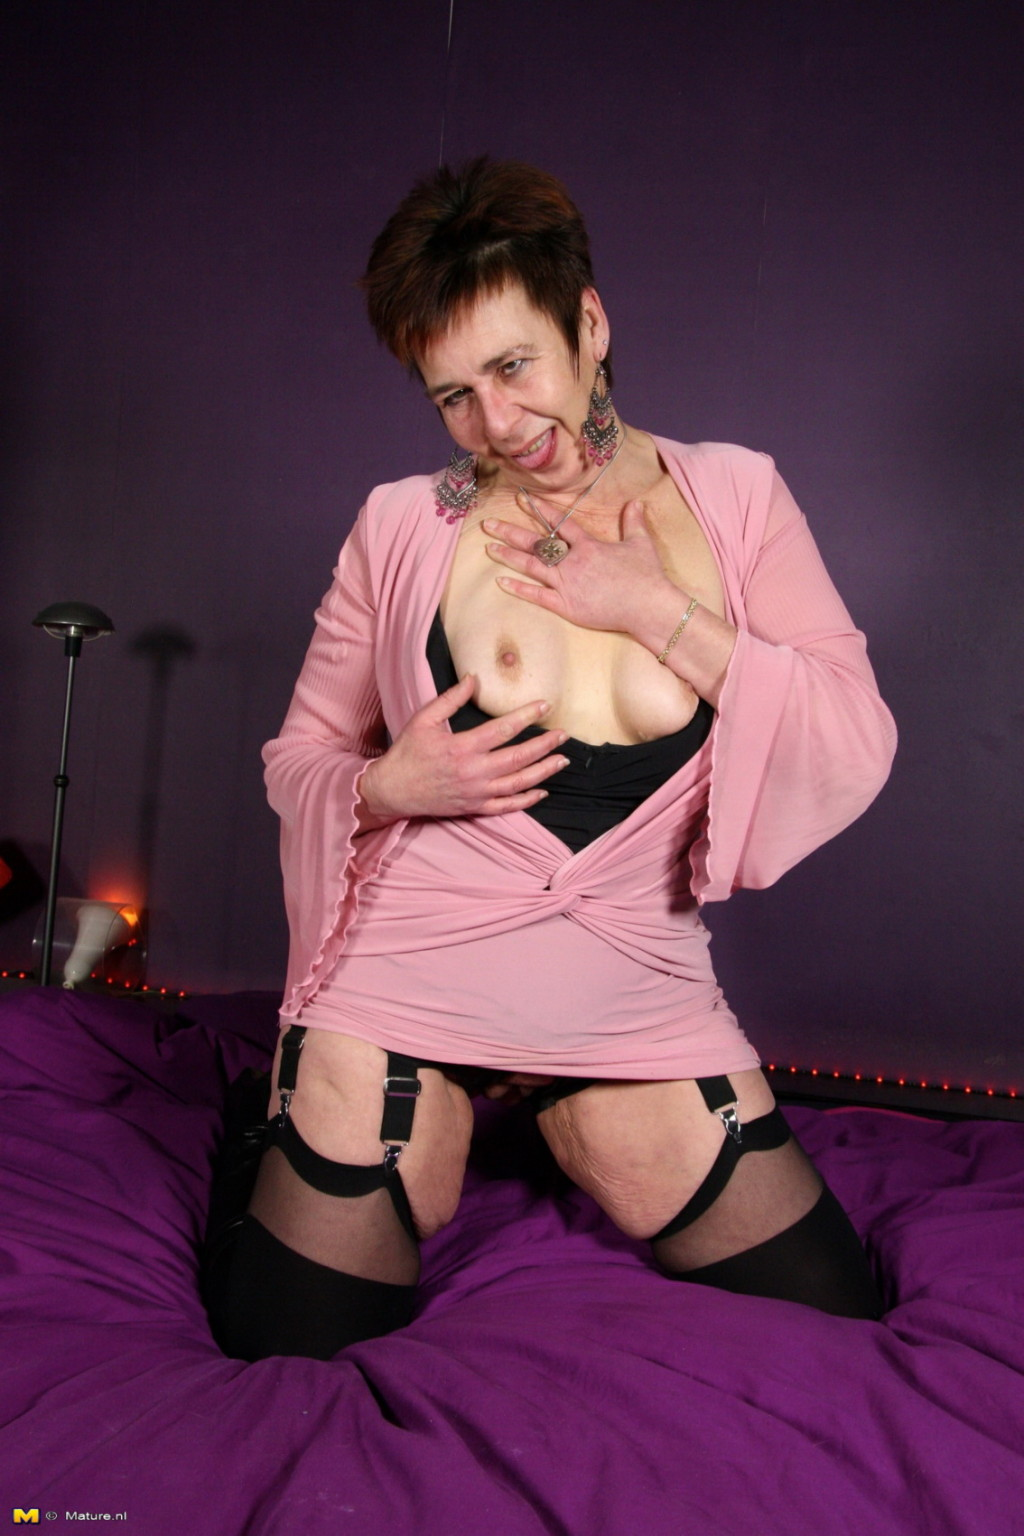 Зрелая женщина в эротичном костюме показывает себя всю, принимая самые откровенные позы